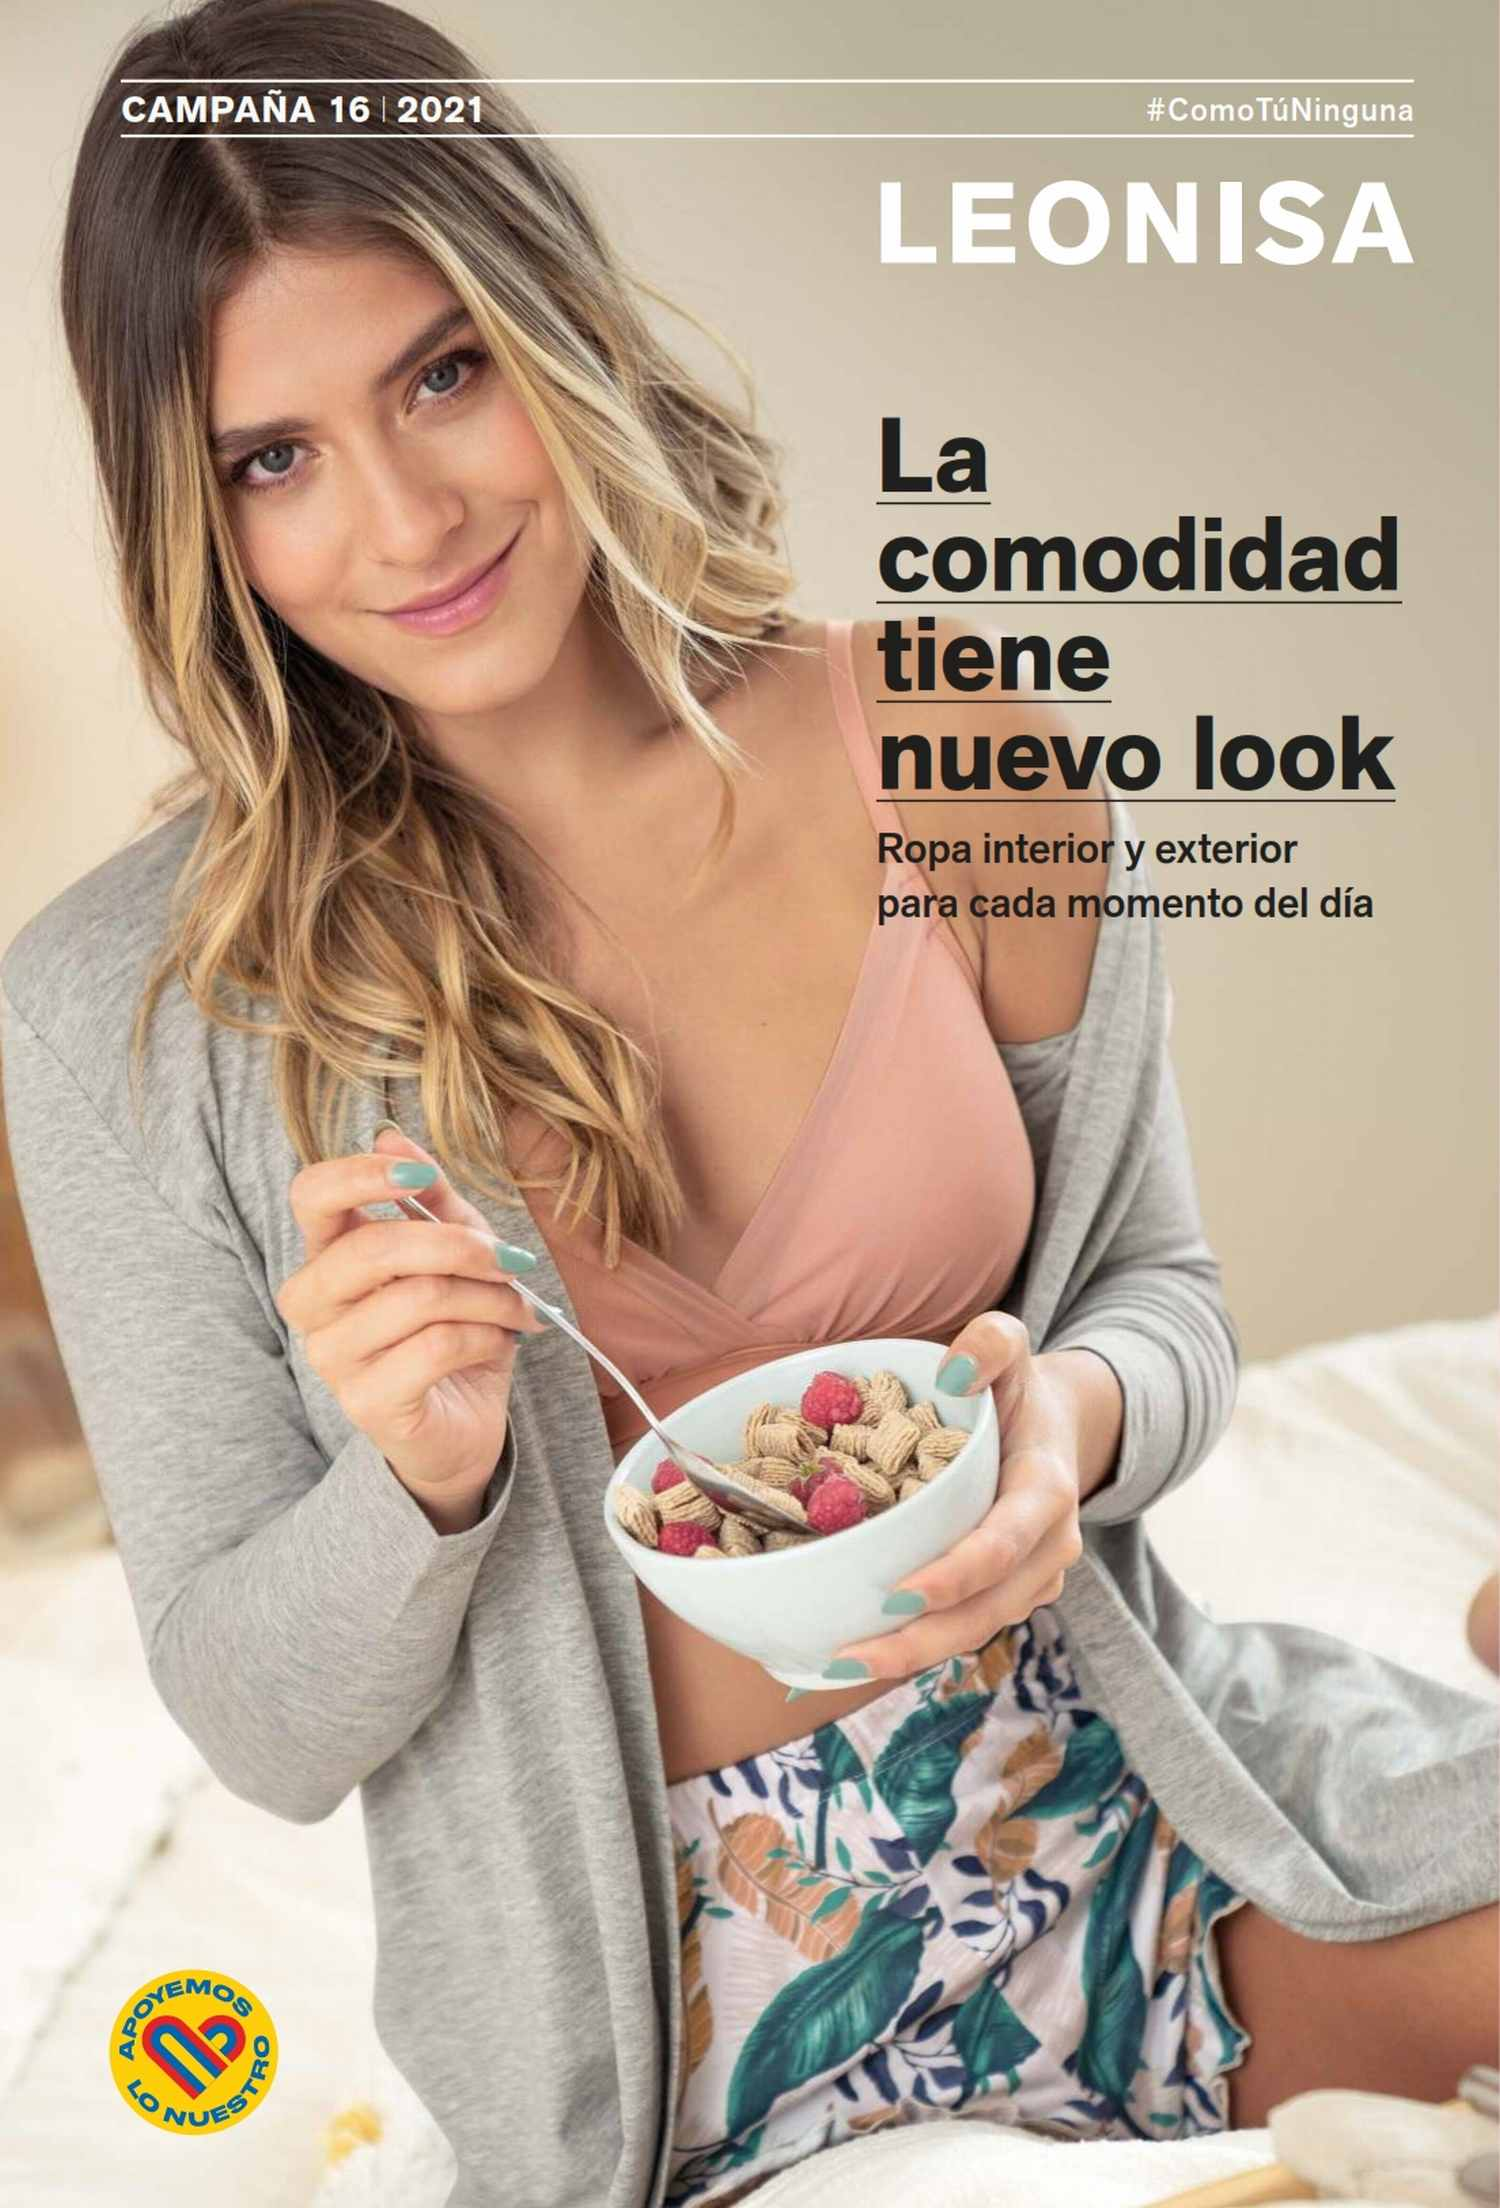 Catálogo Leonisa Campaña 16 2021 Colombia